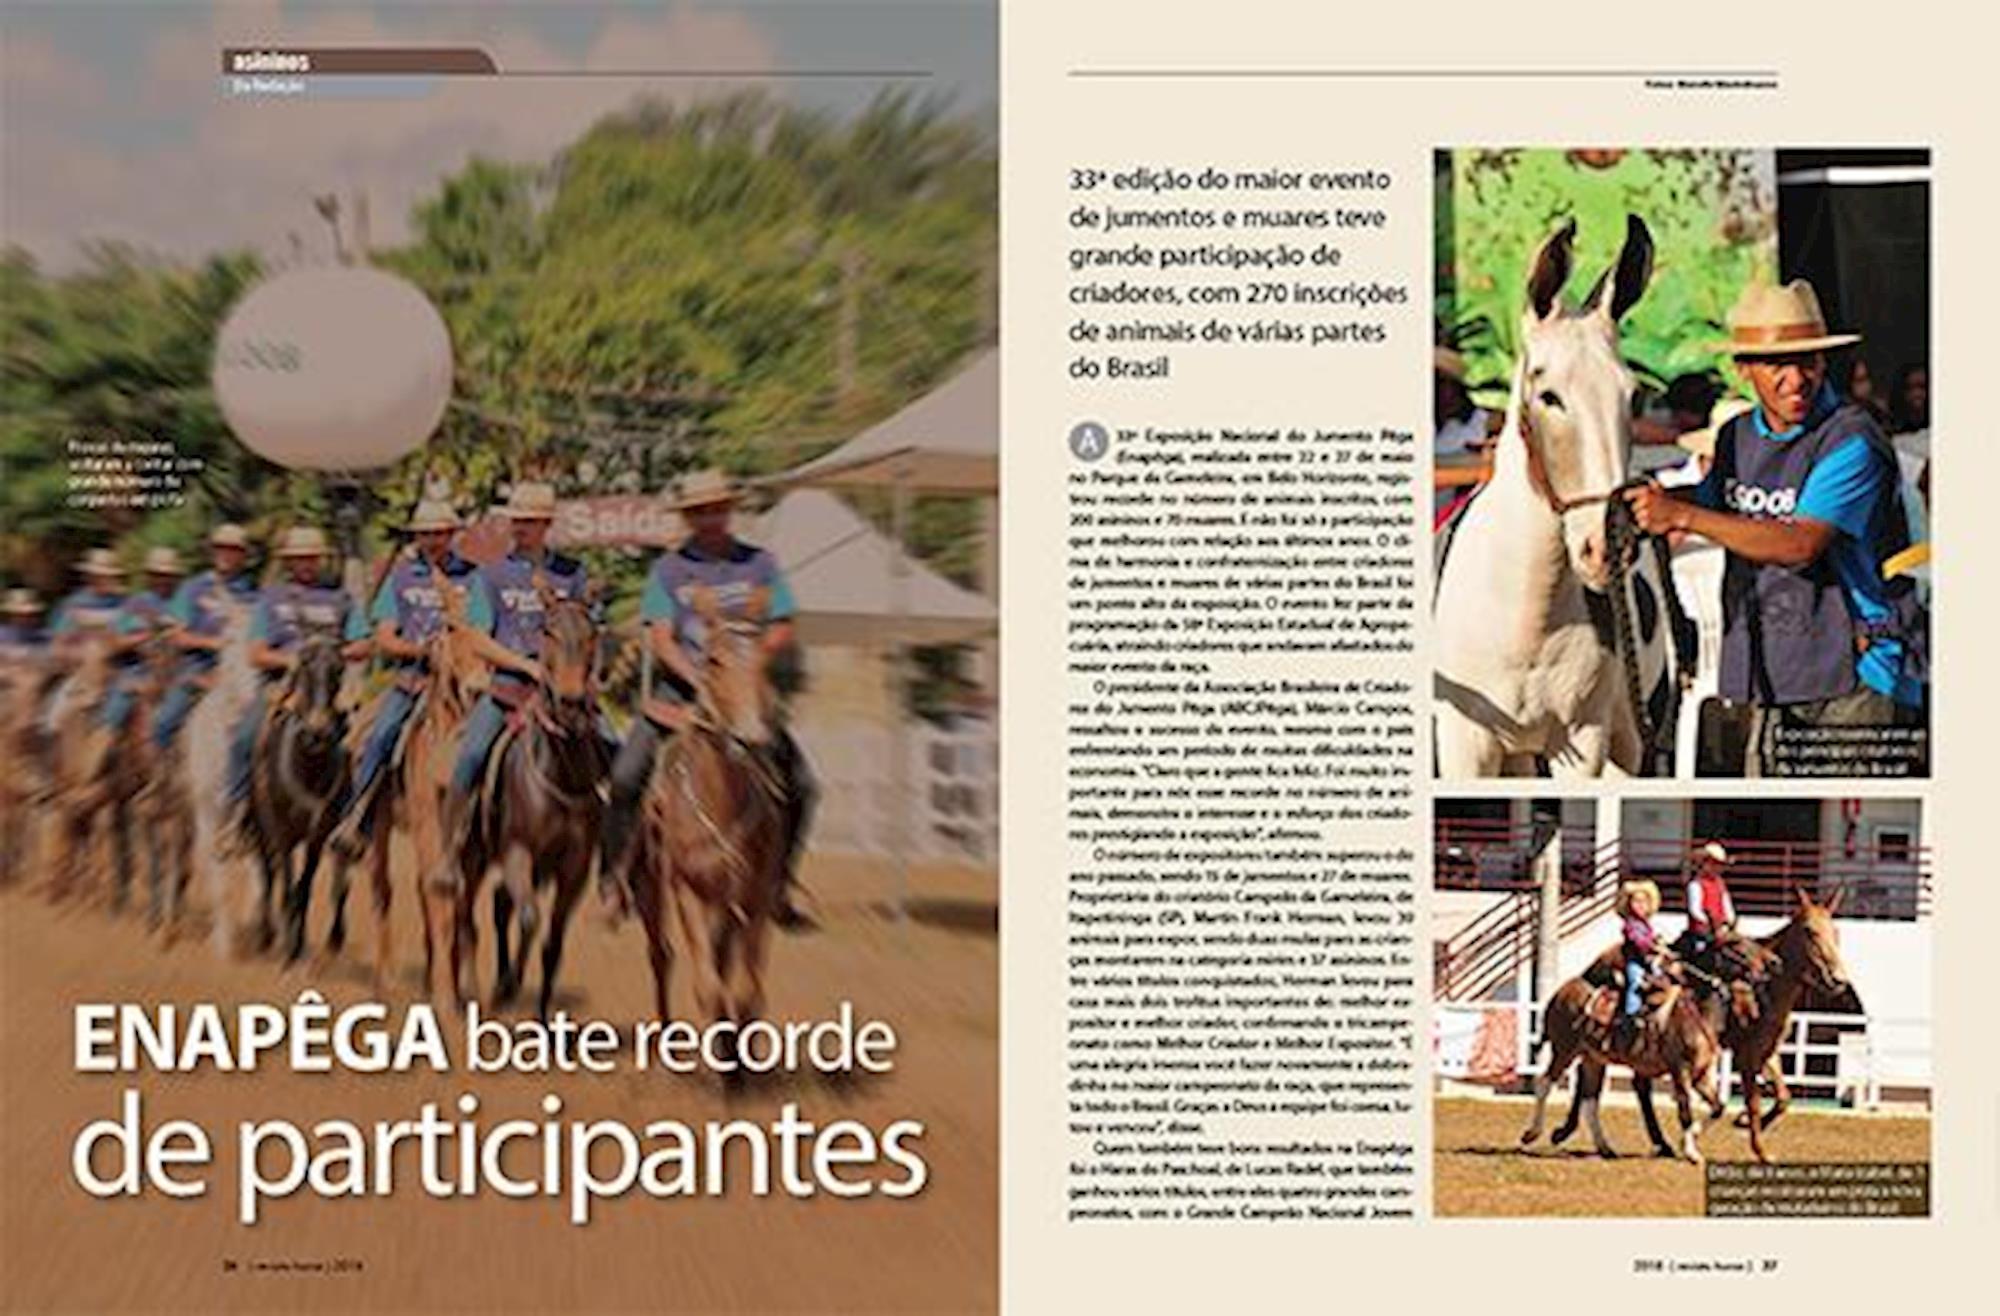 edição 106, Revista Horse, Muladeiros, Enapêga, jumentos, muares, burro, mula,